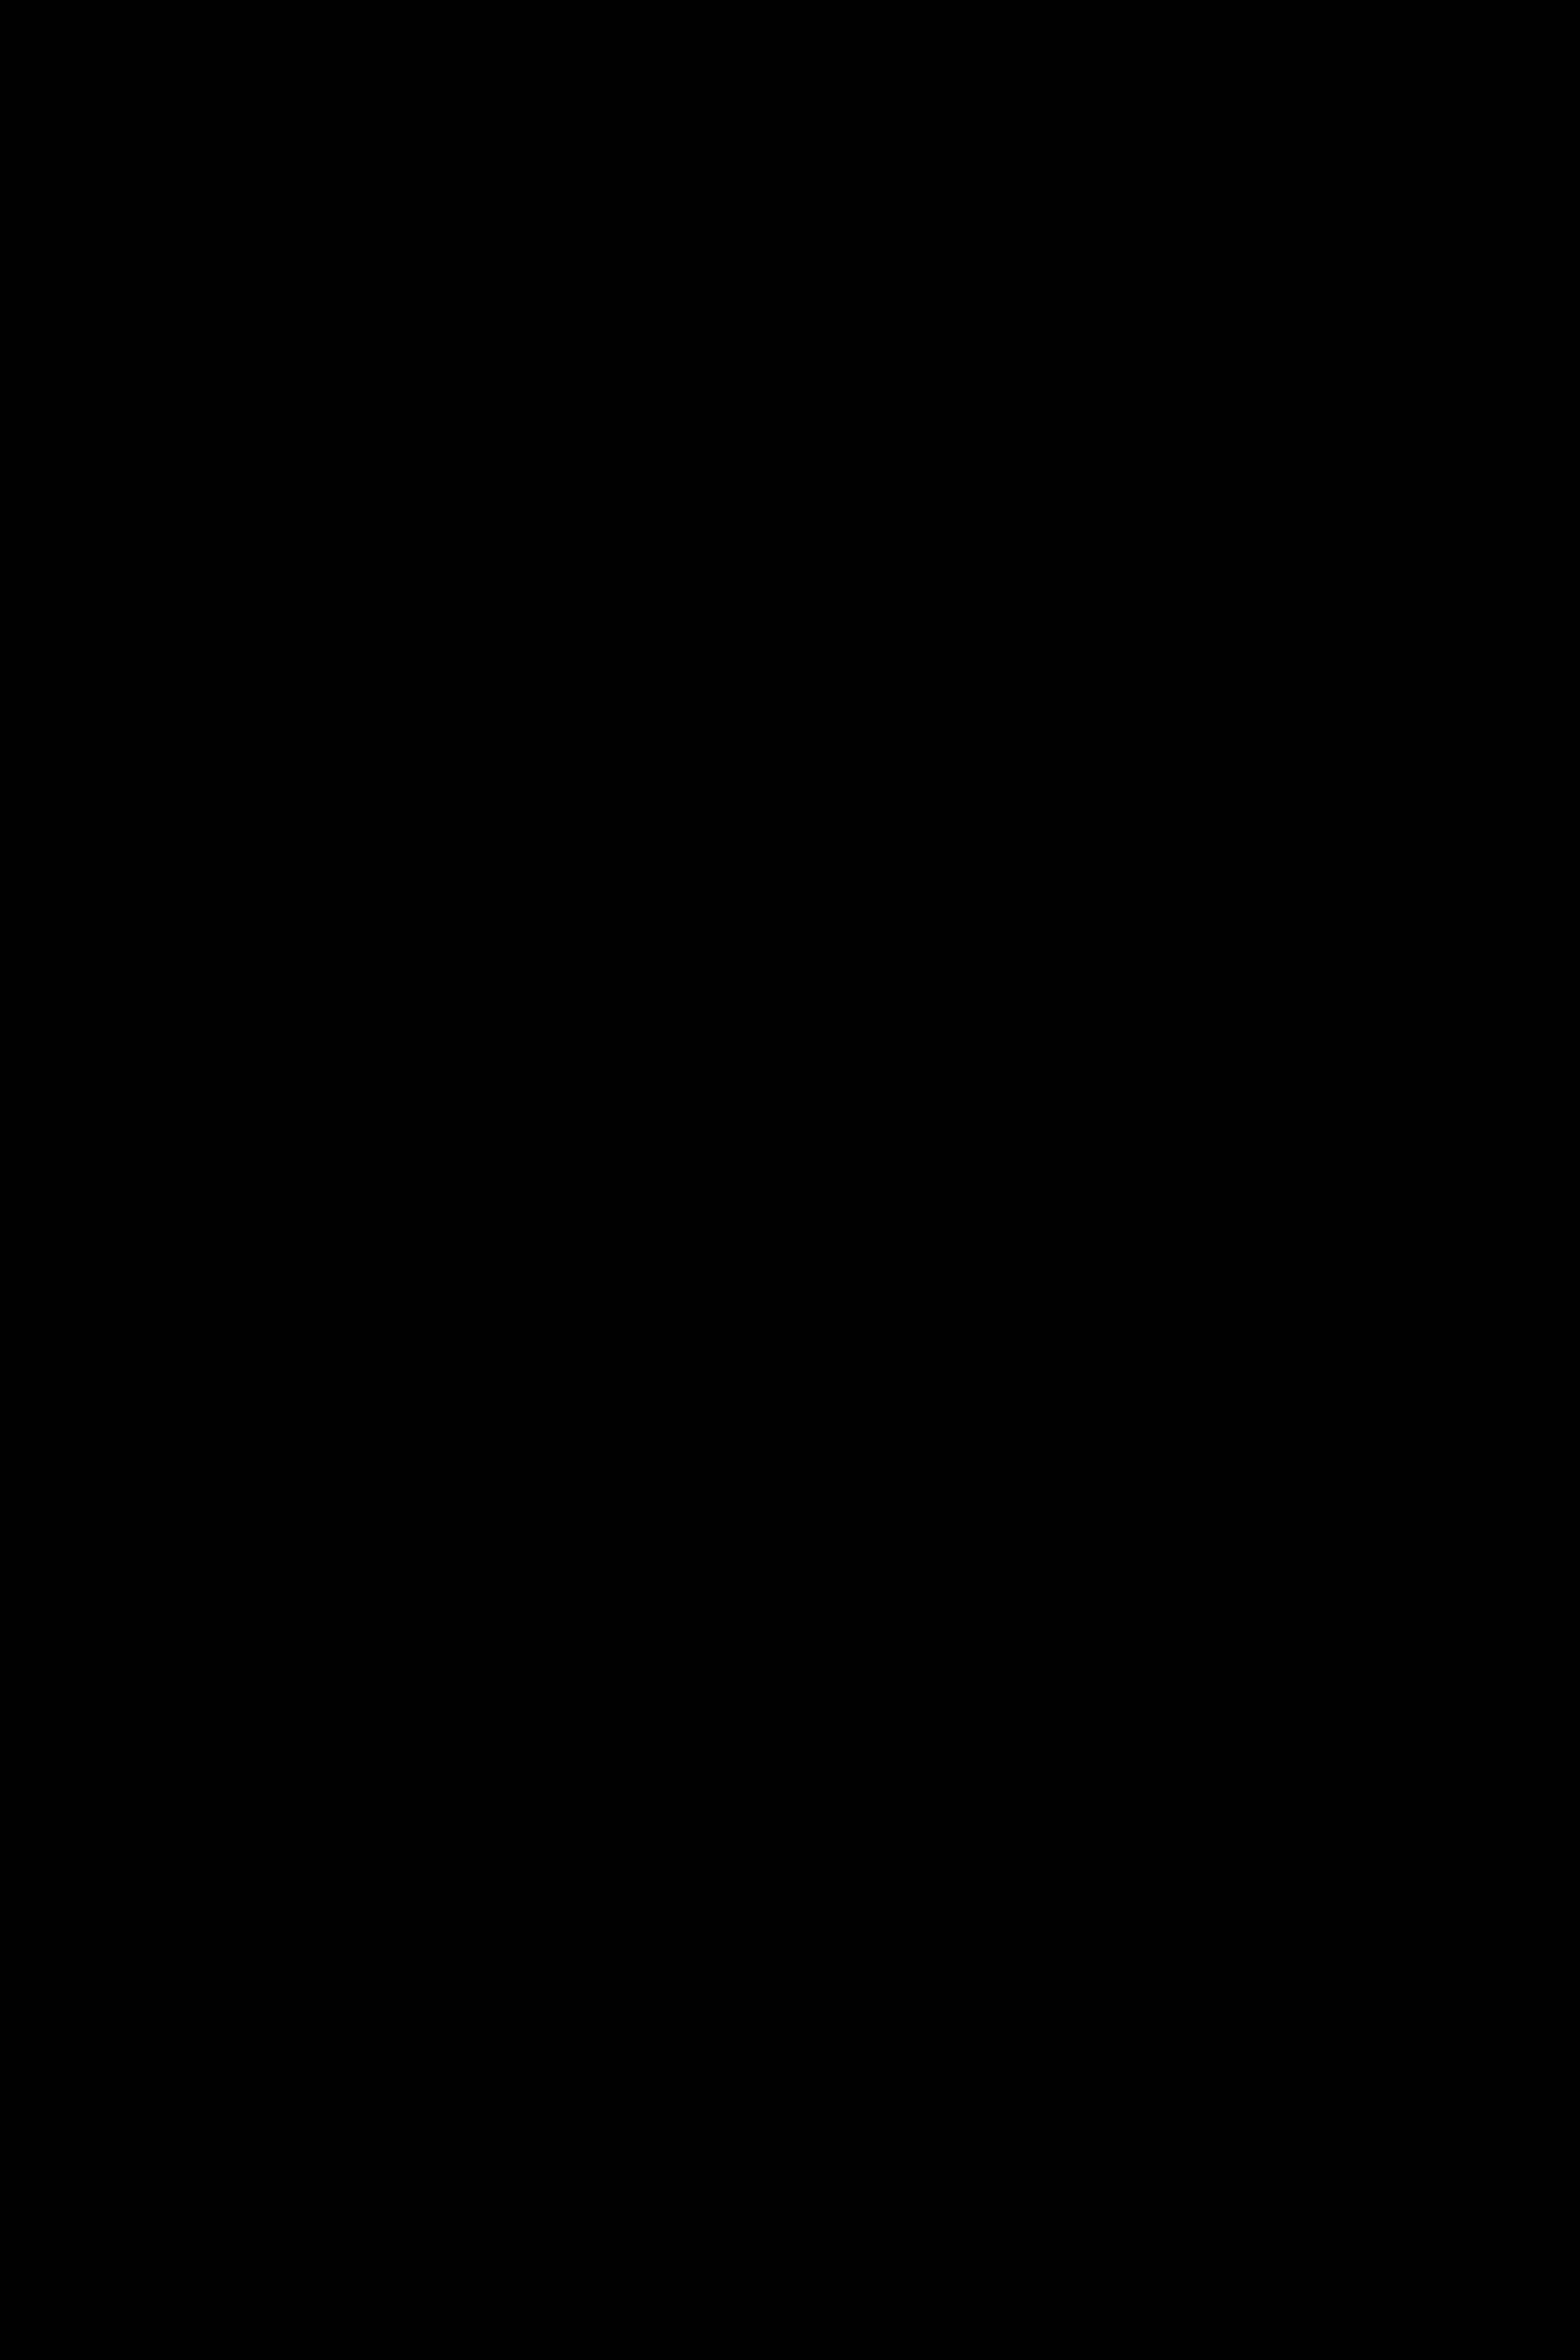 shp-sydneycody-929